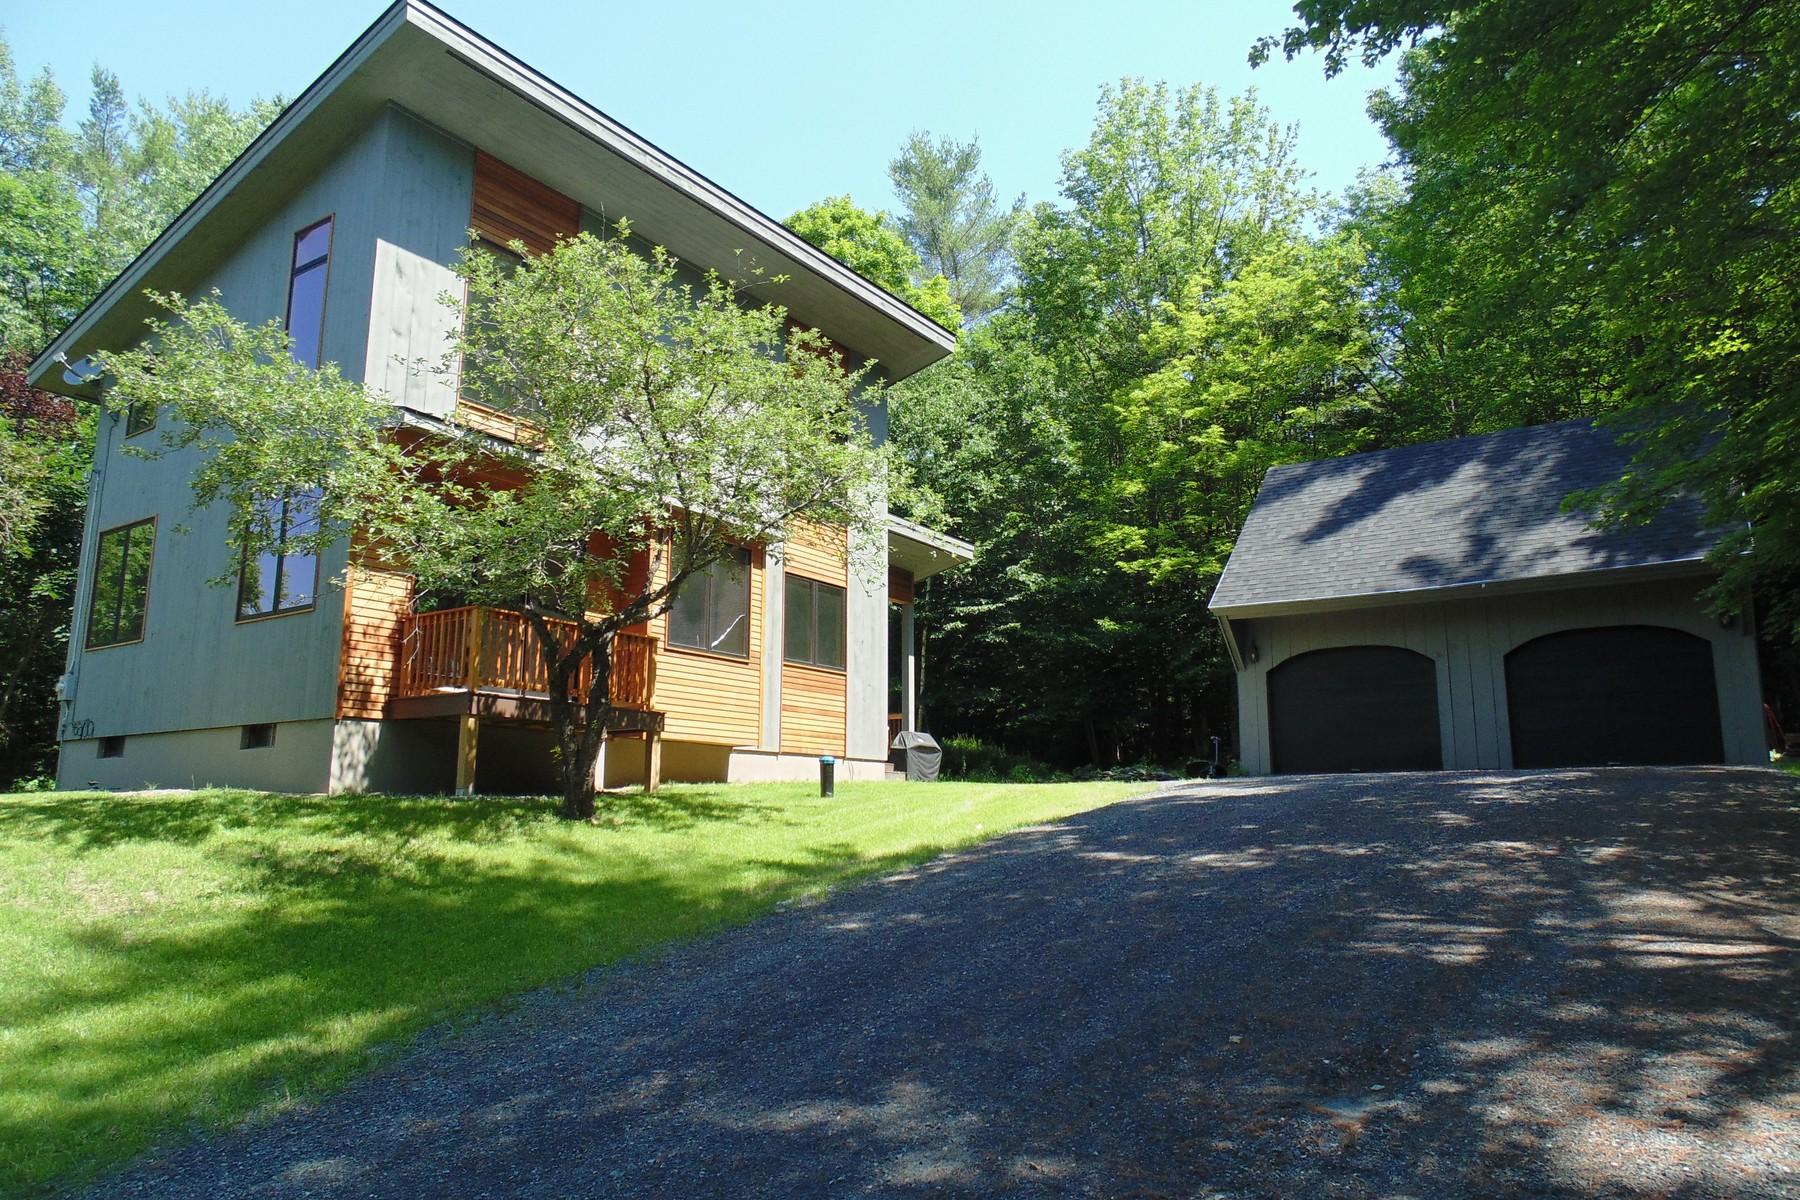 Maison unifamiliale pour l Vente à 78 Ruddsboro Rd, Hanover Hanover, New Hampshire, 03750 États-Unis